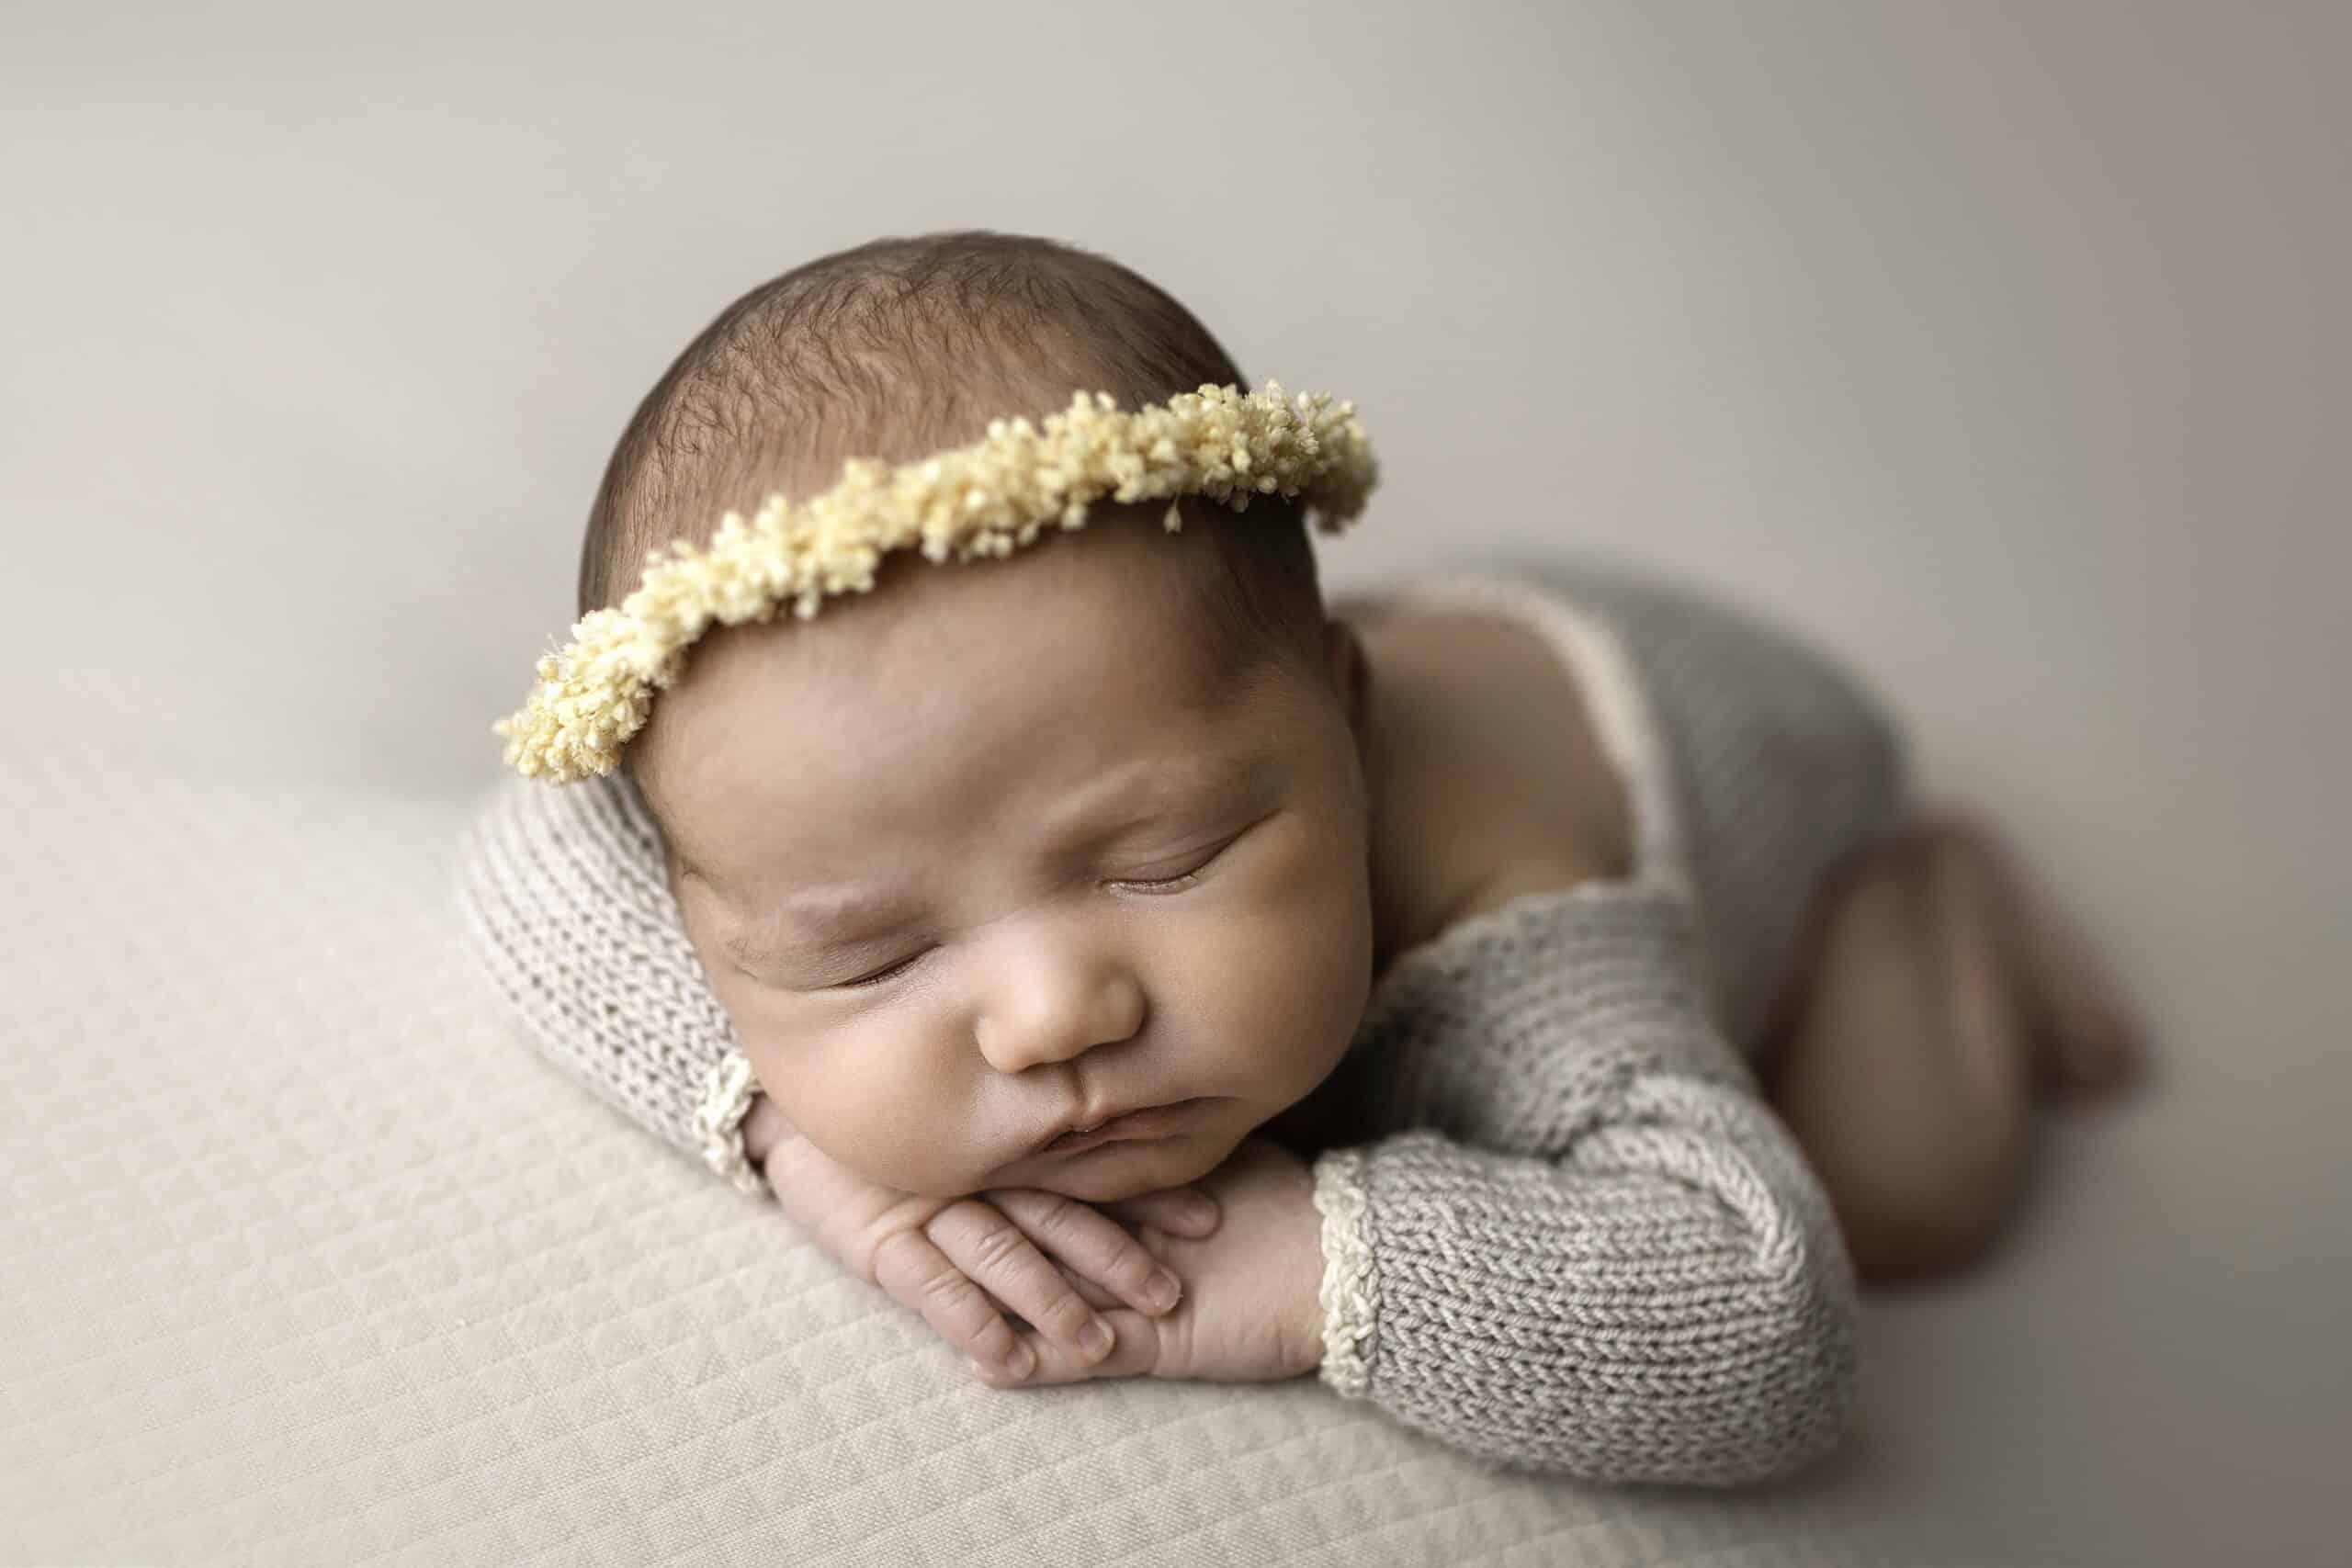 Iubirea de mamă nu se împarte, ci se înmulțește. Ce înseamnă să fii mamă cu doi copii mici   Demamici.ro